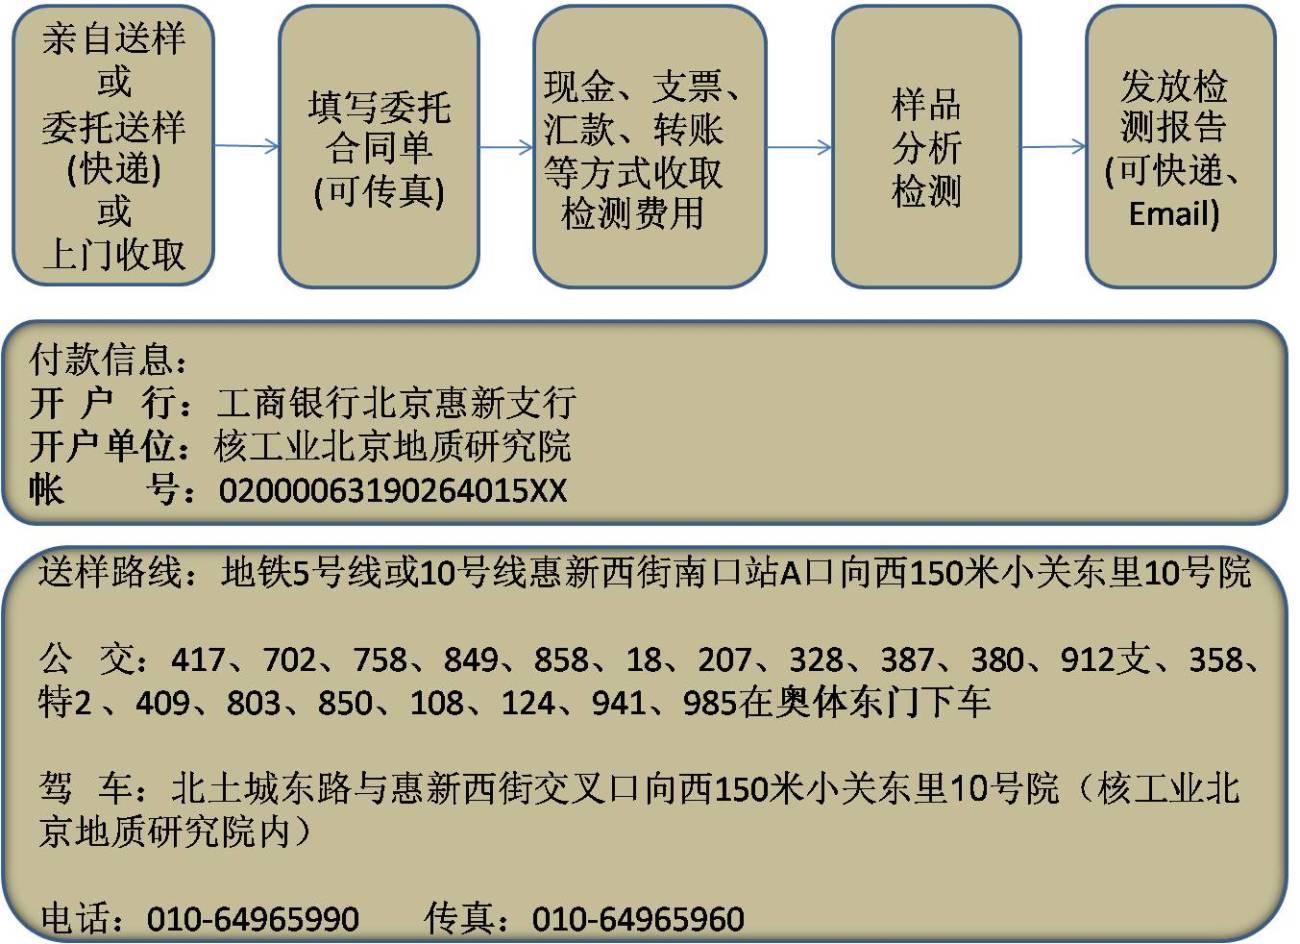 核工业北京地质研究院分析测试研究中心服务流程